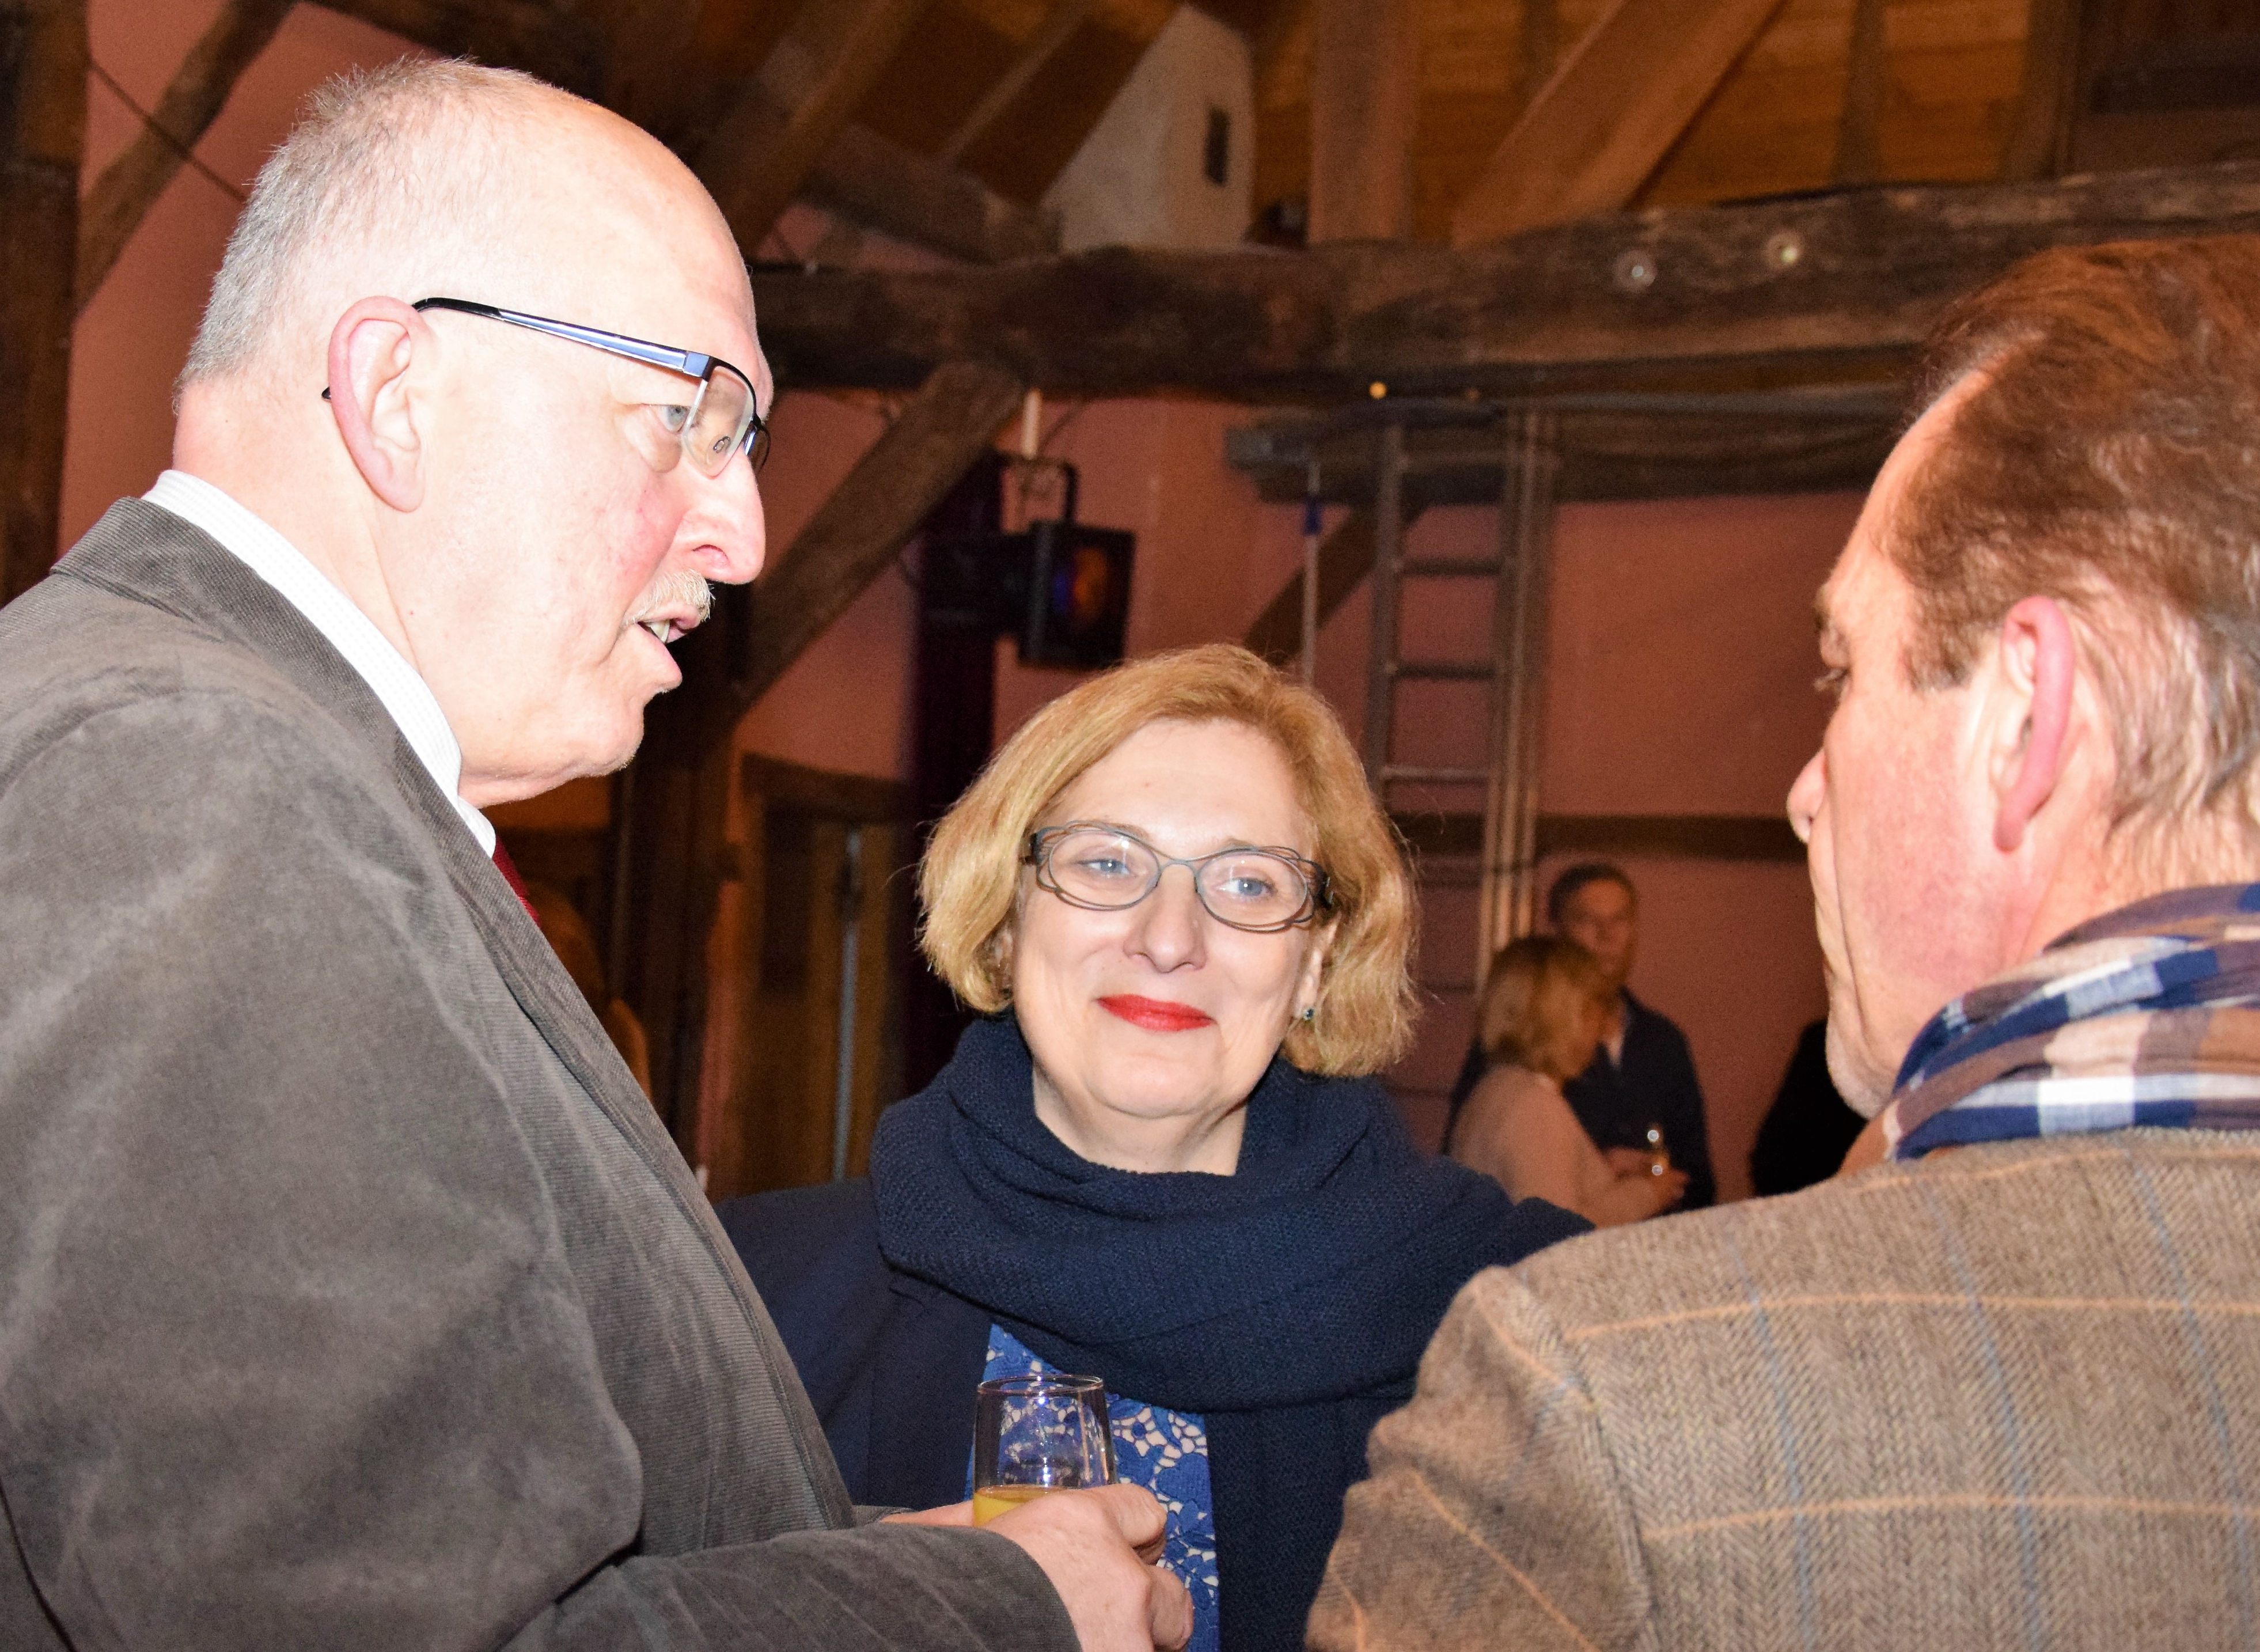 Gerd Will und Dr. Daniela De Ridder beim 25. Jubiläum der Beratungsstelle Hobbit in Nordhorn